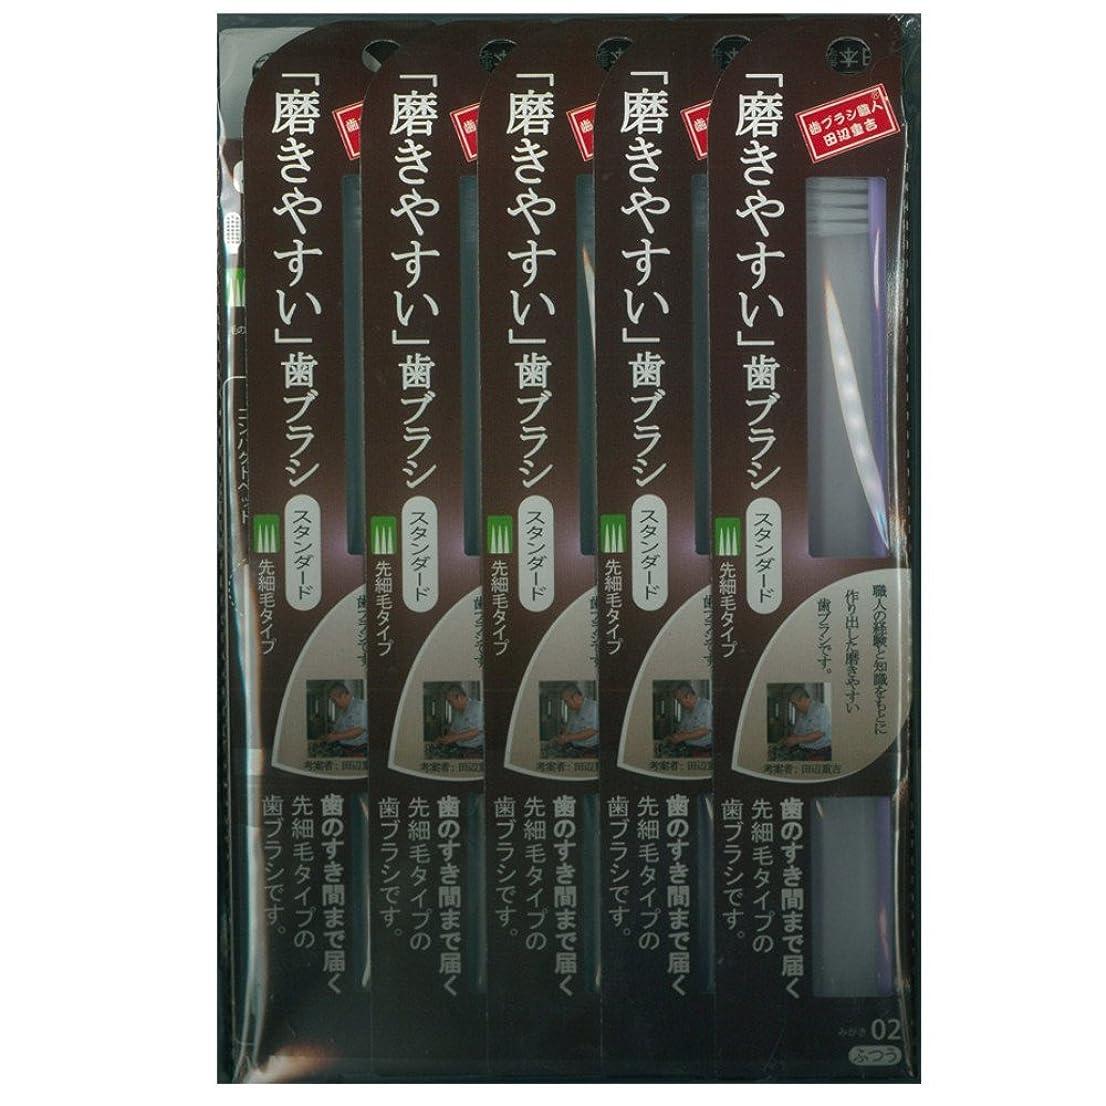 うぬぼれた予報定期的磨きやすい歯ブラシ先細 LT-02×12本セット( ピンク×4本、ブルー×4本、グリーン×2本、パープル×2本)